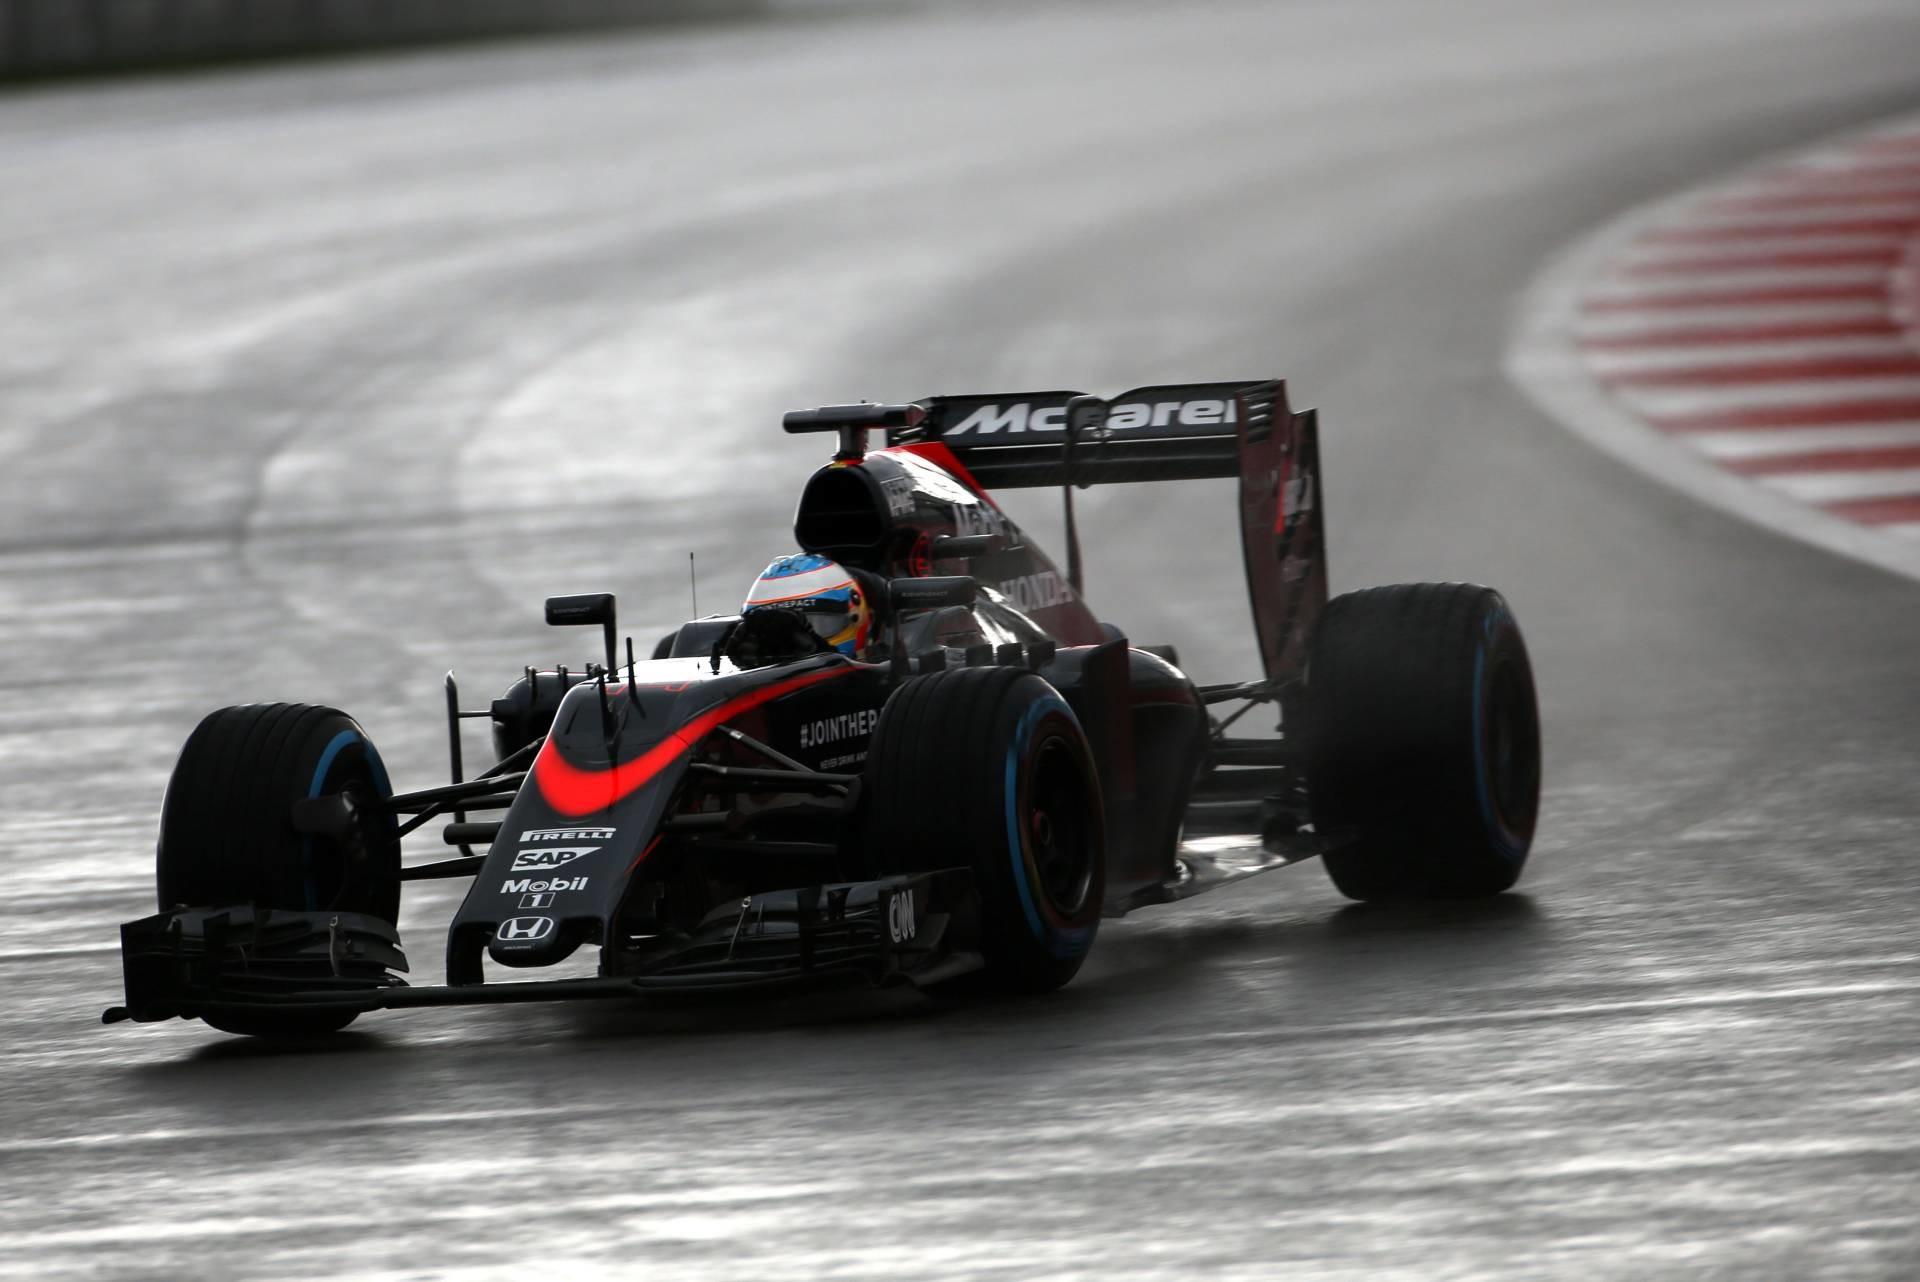 Mclaren F1 Wallpaper Hd 59 Images